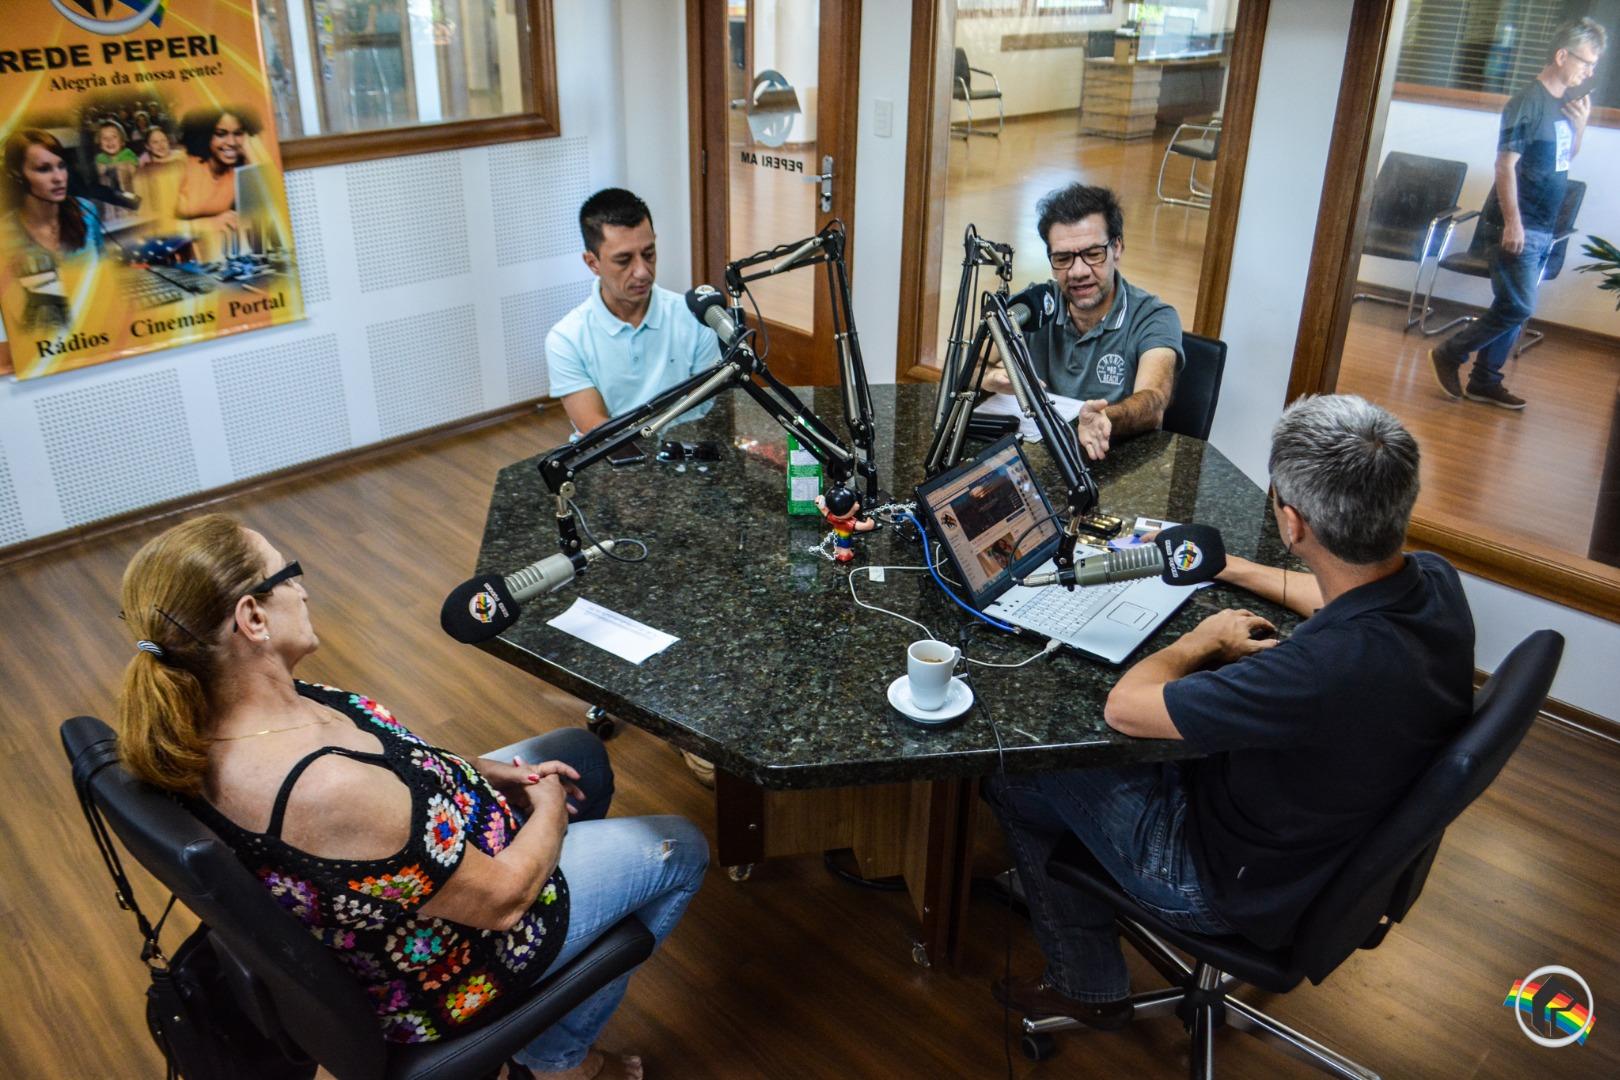 Produção cultural e artística é o tema do Peperi Debates